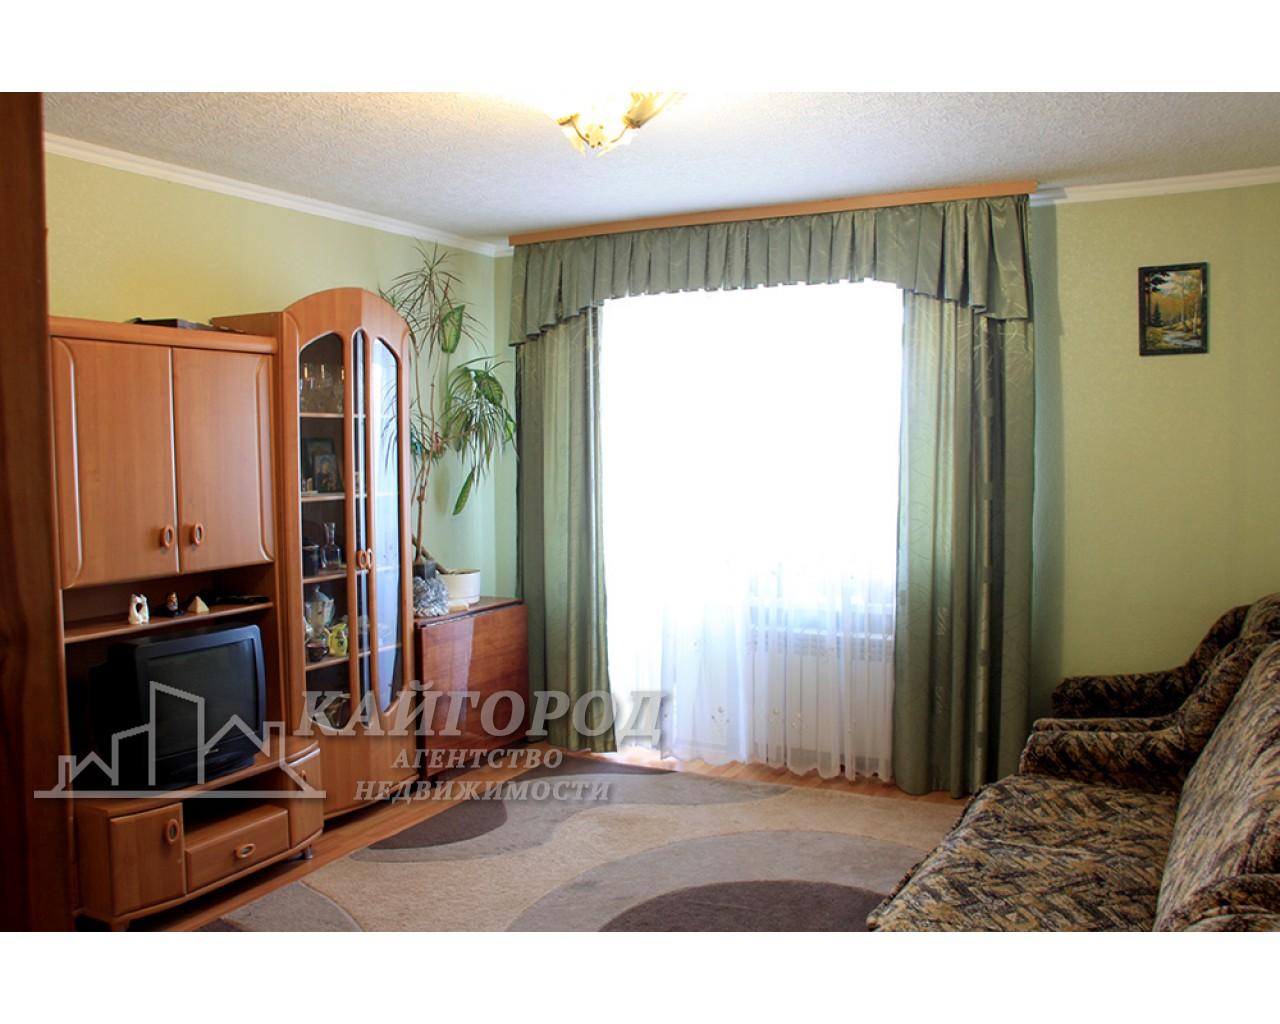 Продам 3-х комнатную квартиру в кирпичном доме по улице О.Гончара